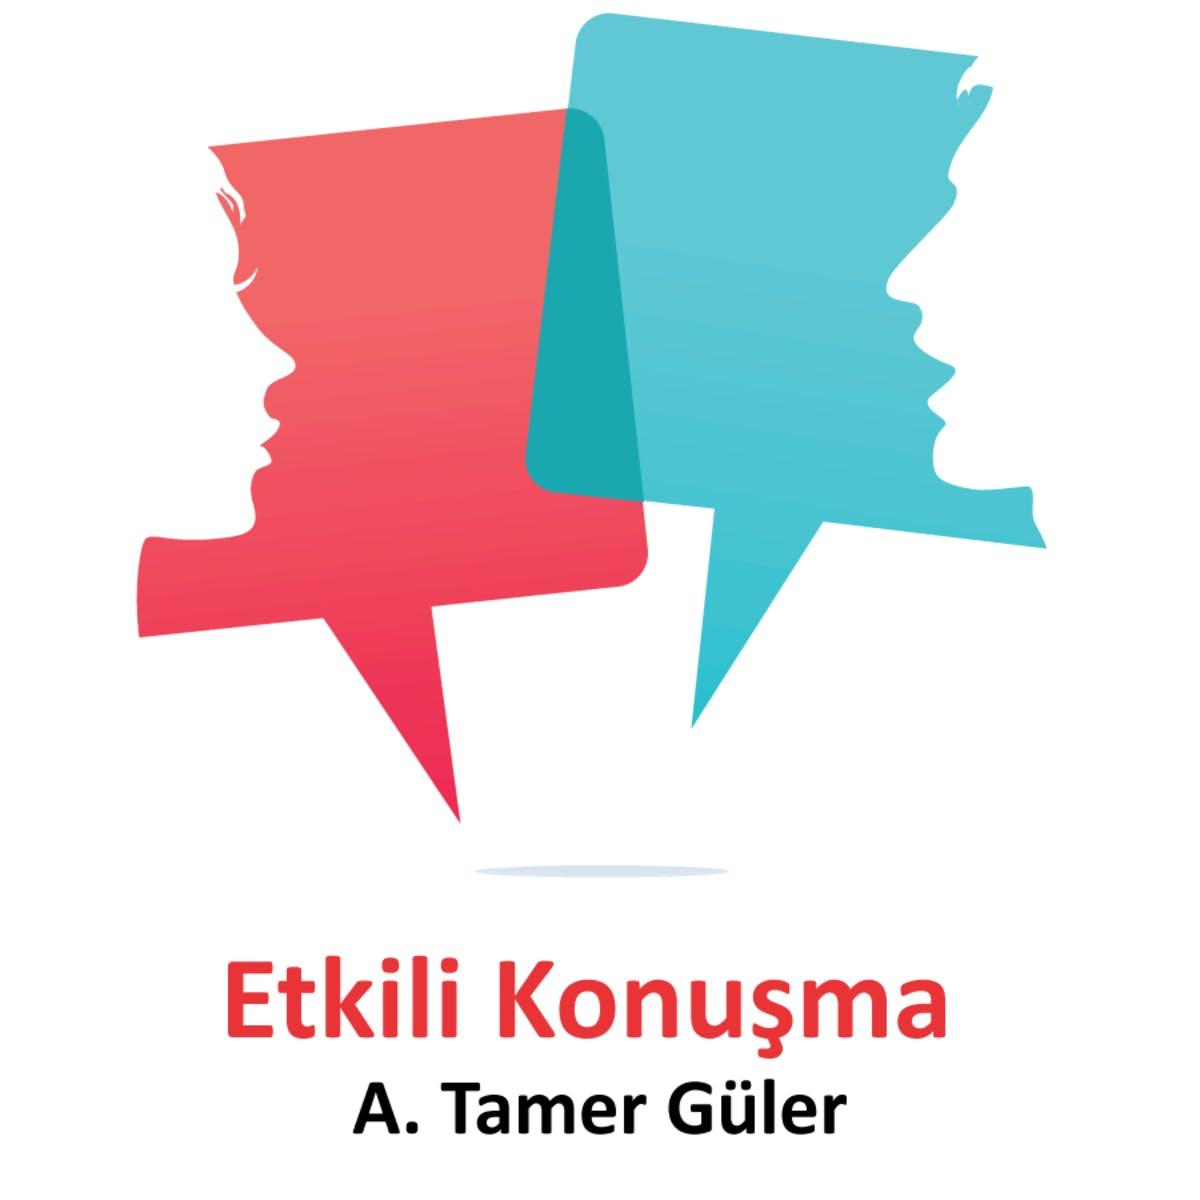 Etkili Konuşma (Effective Speaking)